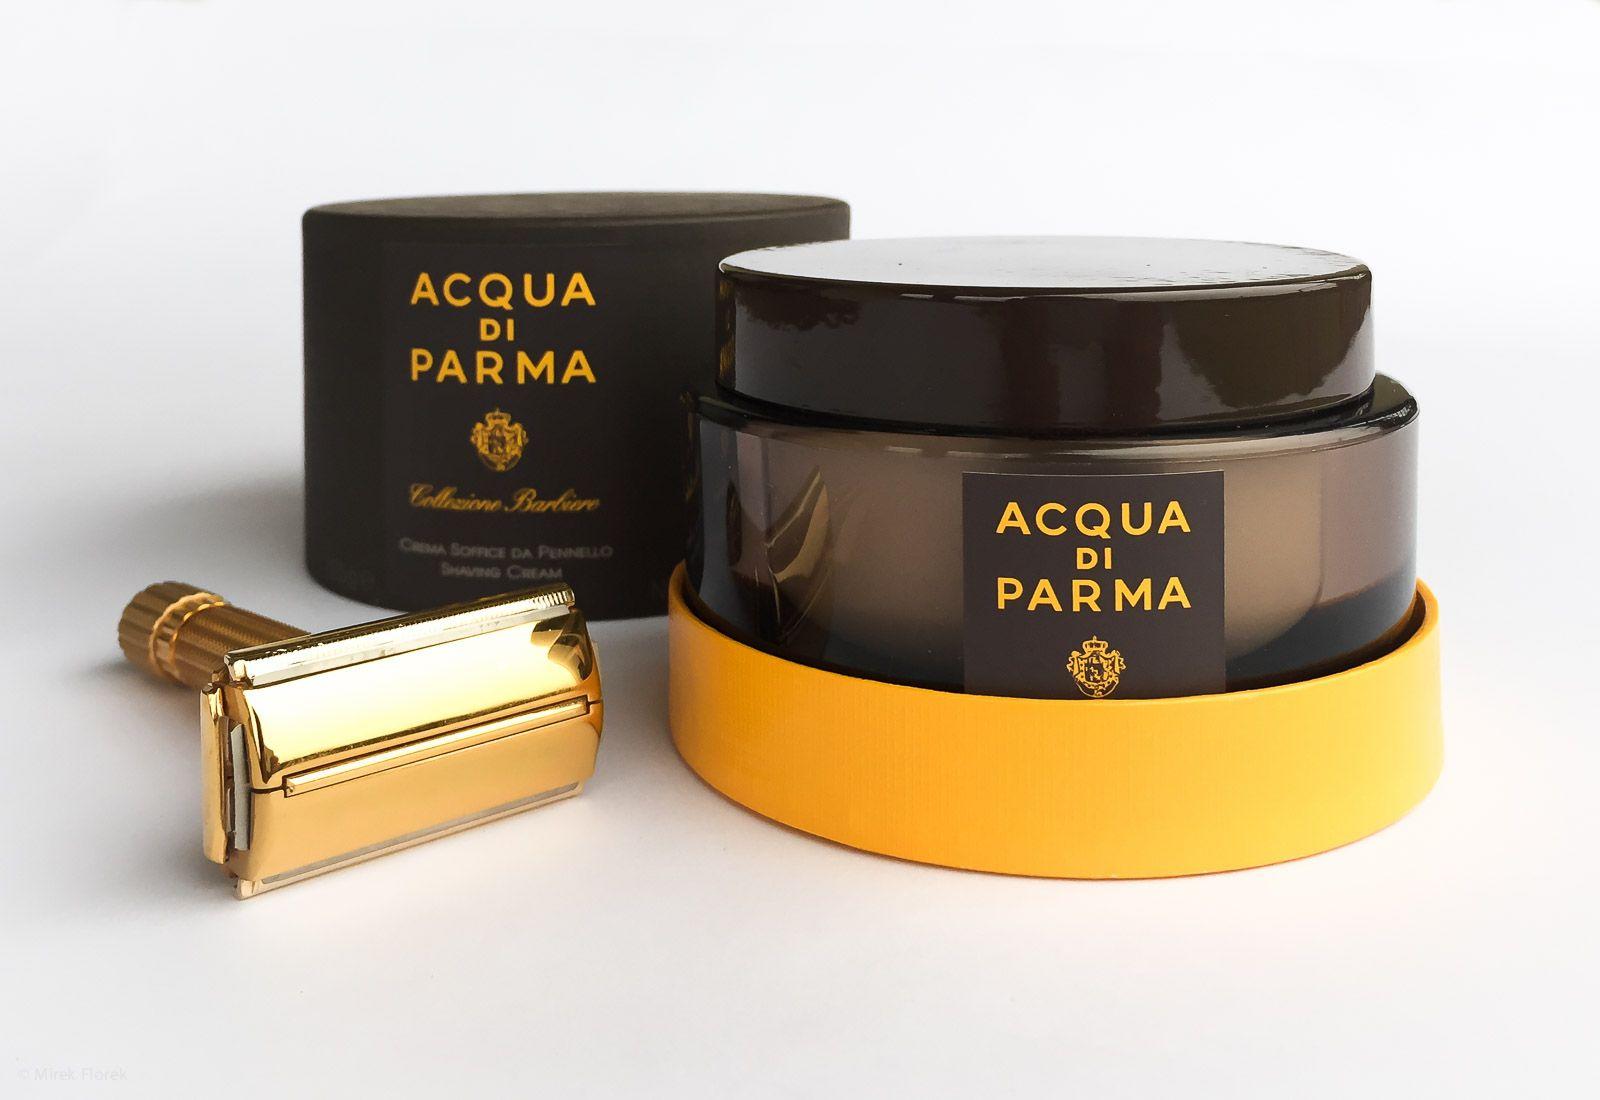 You are currently viewing Acqua di Parma Collezione Barbiere Crema Soffice da Penello (Shaving Cream) – recenzja kremu do golenia